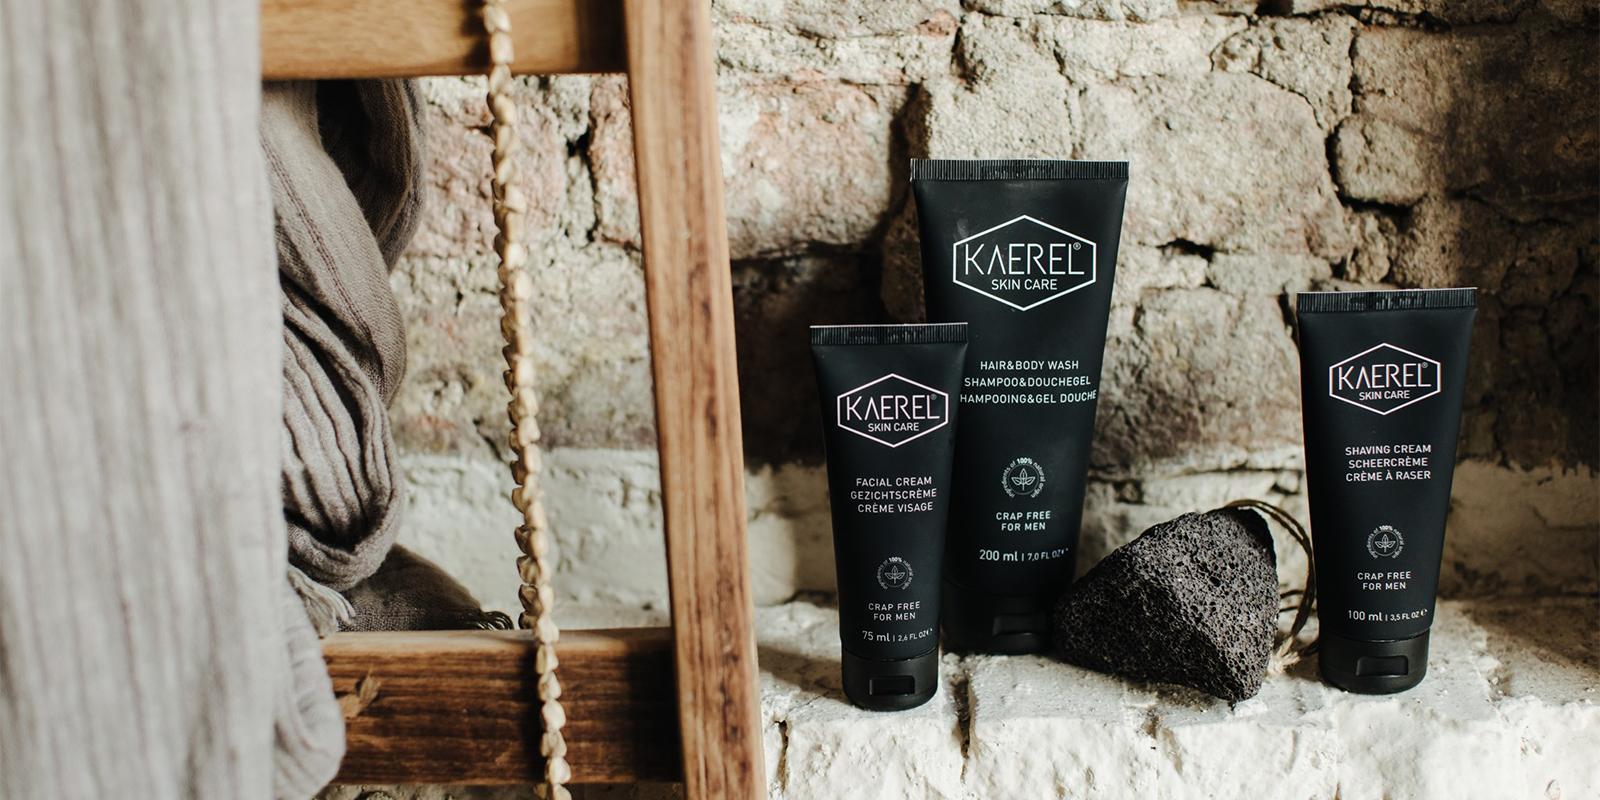 Produkty Kaerel